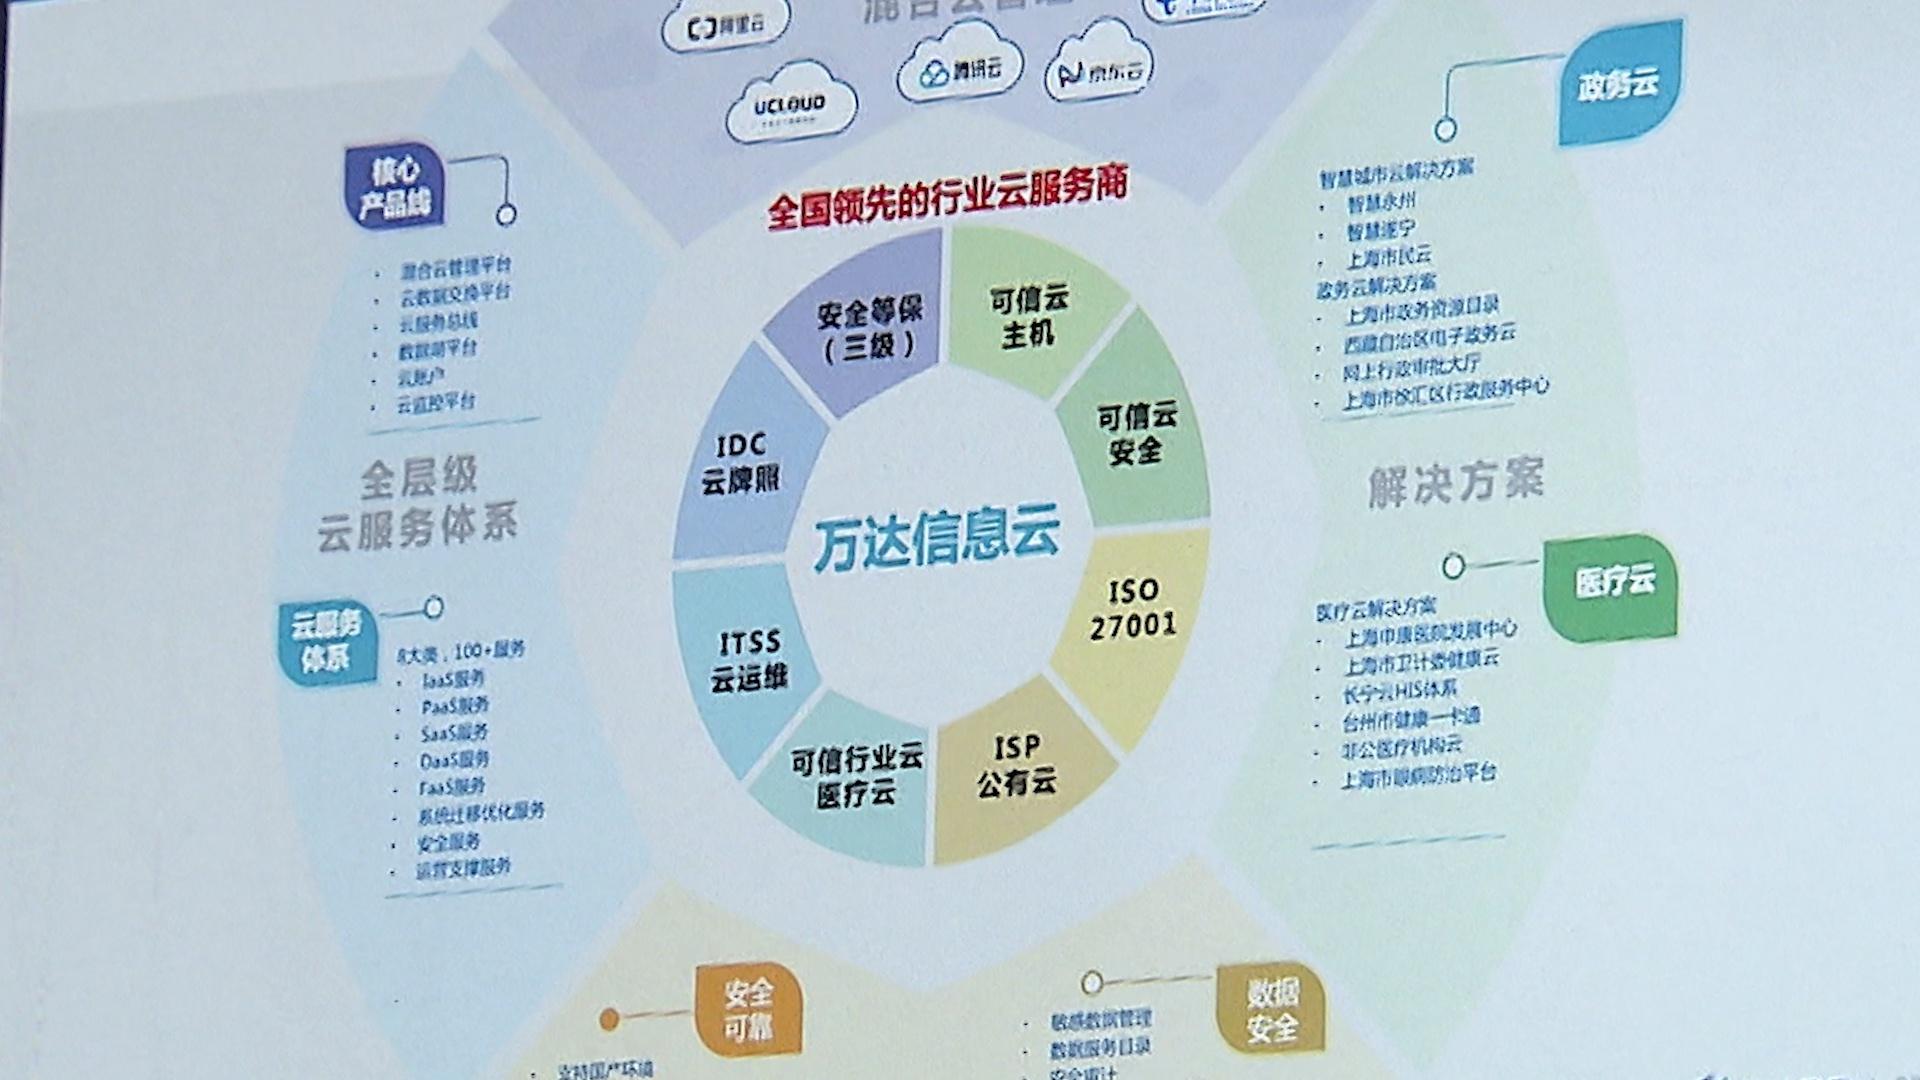 继中国人寿后,他也想做万达信息的股东!丨热公司